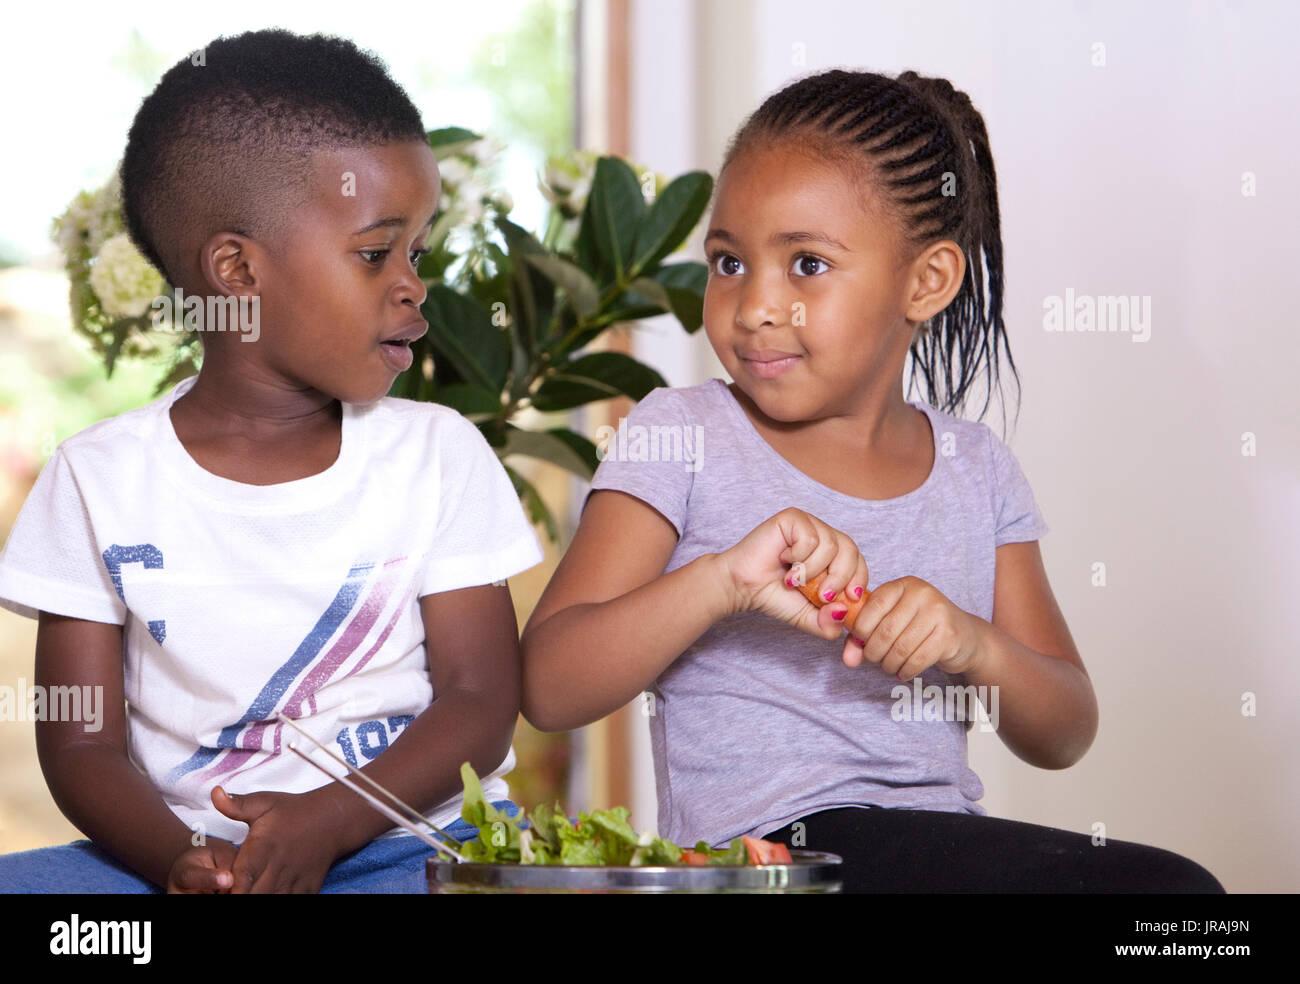 Kleines Mädchen brechen eine Karotte mit ihrem Bruder zu teilen Stockfoto